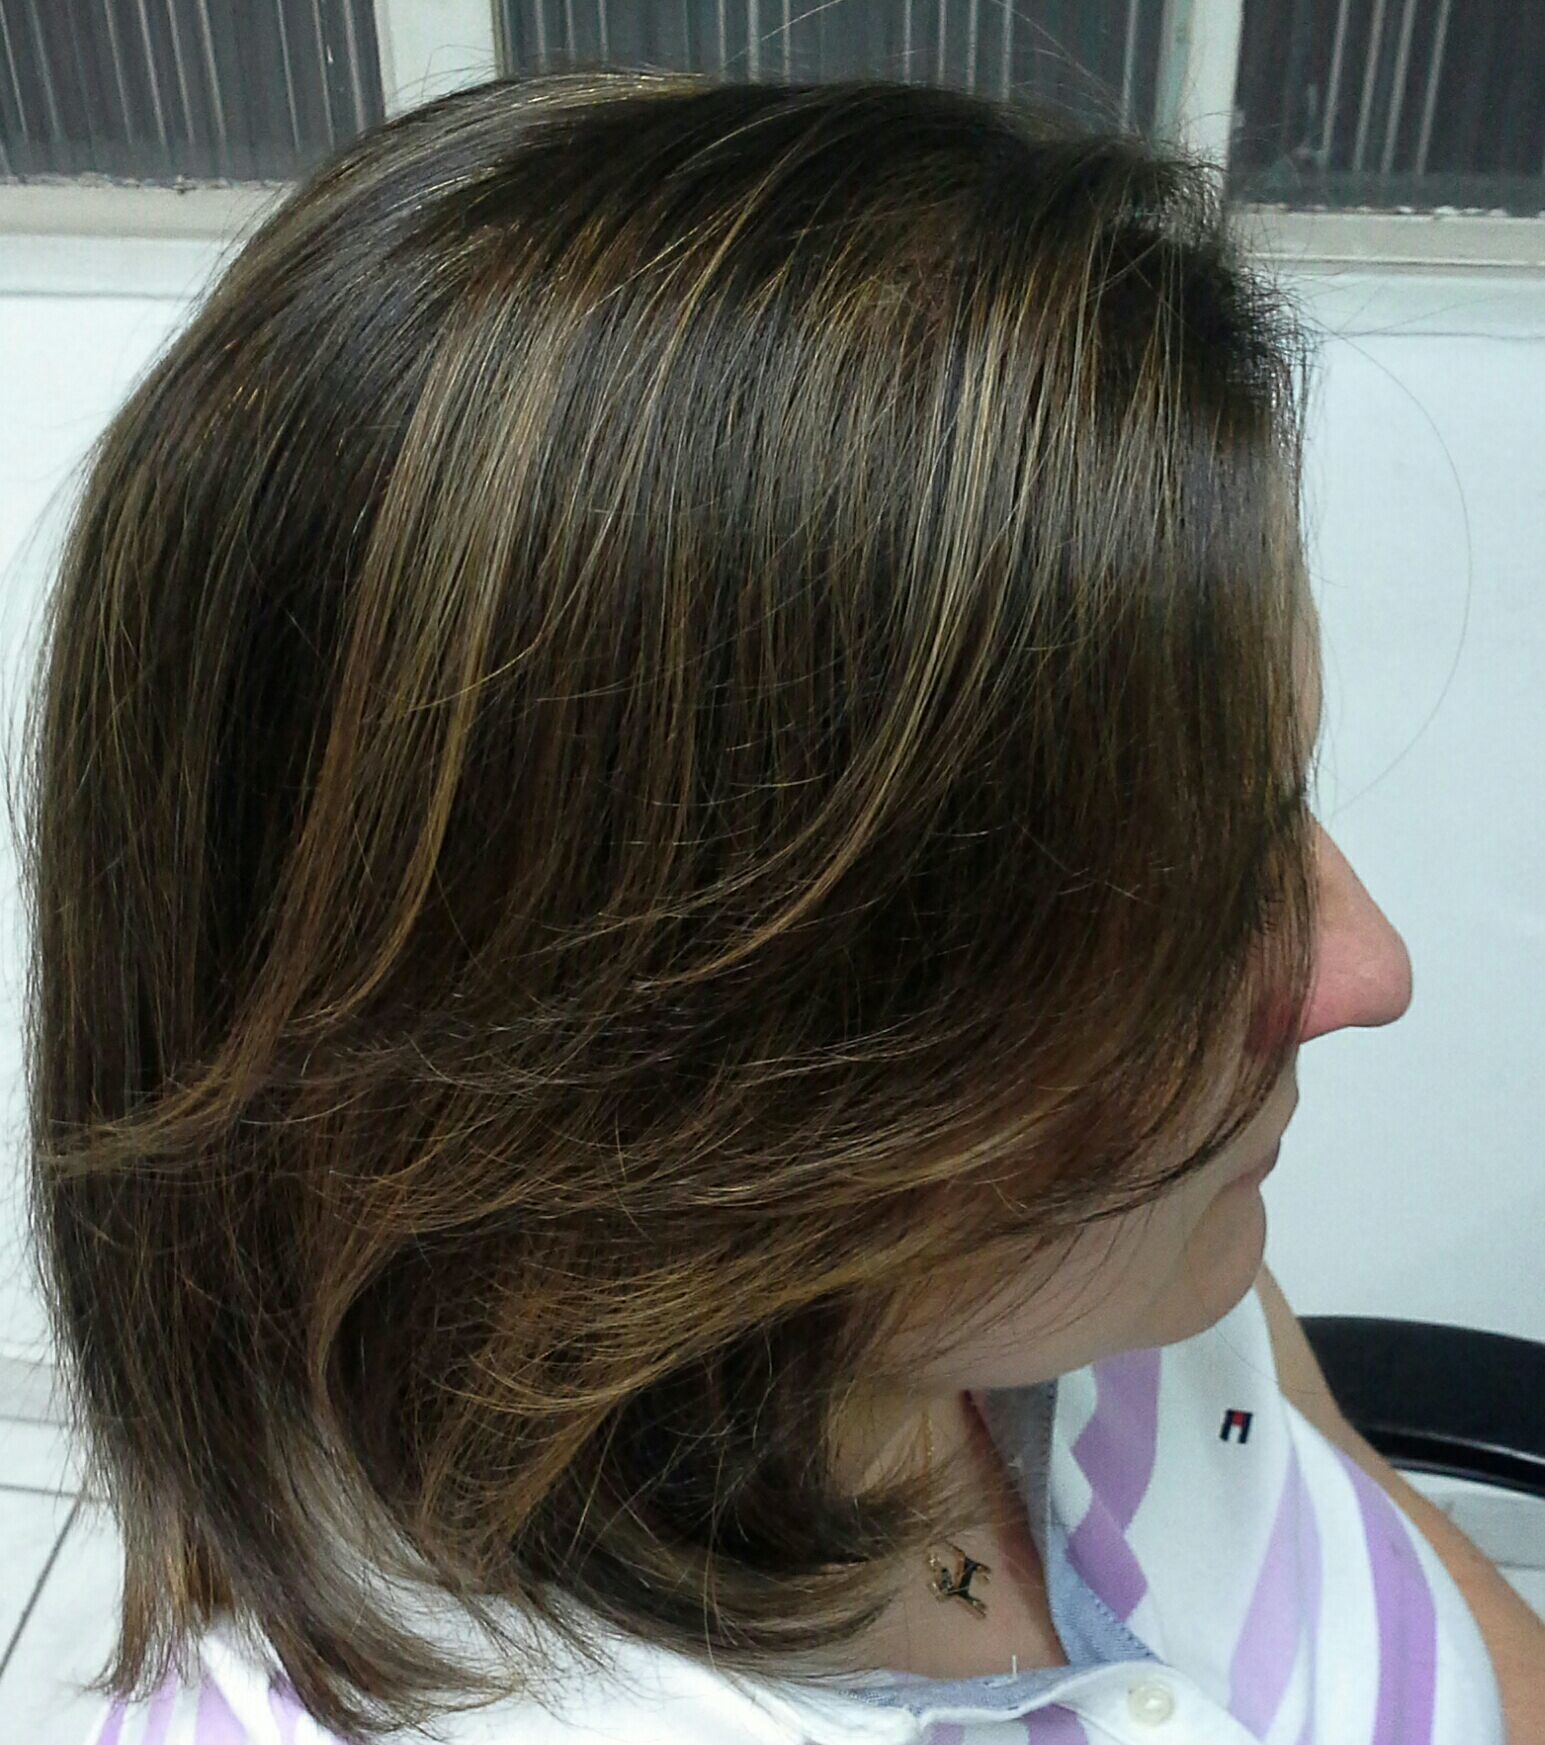 Correção de cor,  antes  e depois  Profissional.  Vera Lúcia cabelo stylist / visagista cabeleireiro(a)